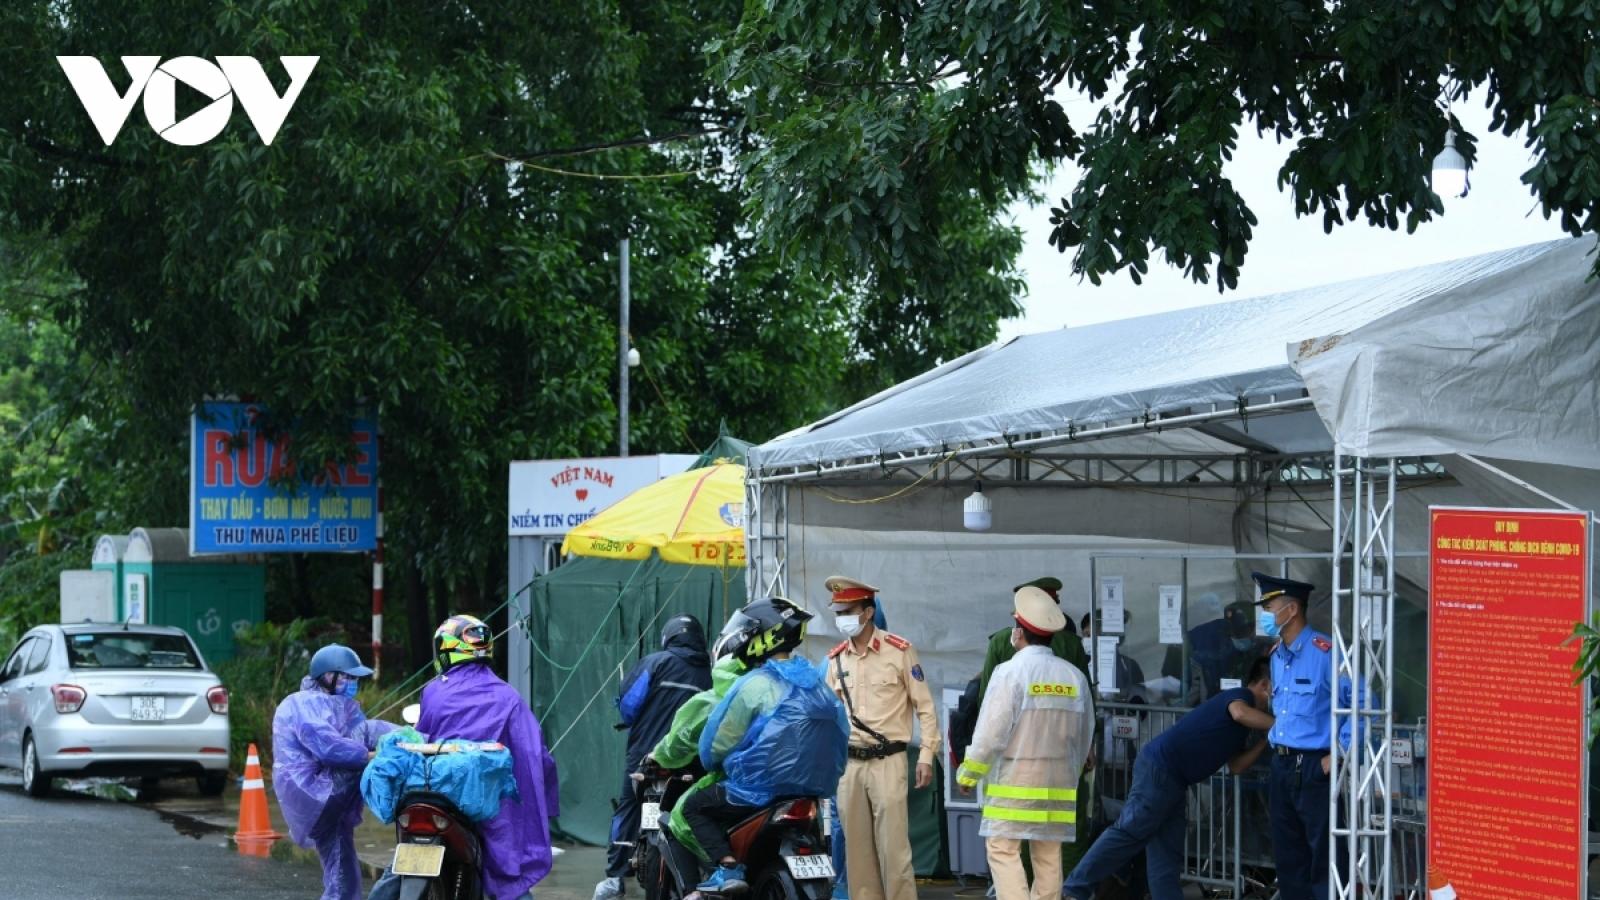 Hà Nội tiếp tục duy trì 21/22 chốt cửa ngõ để phân luồng, đảm bảo giao thông